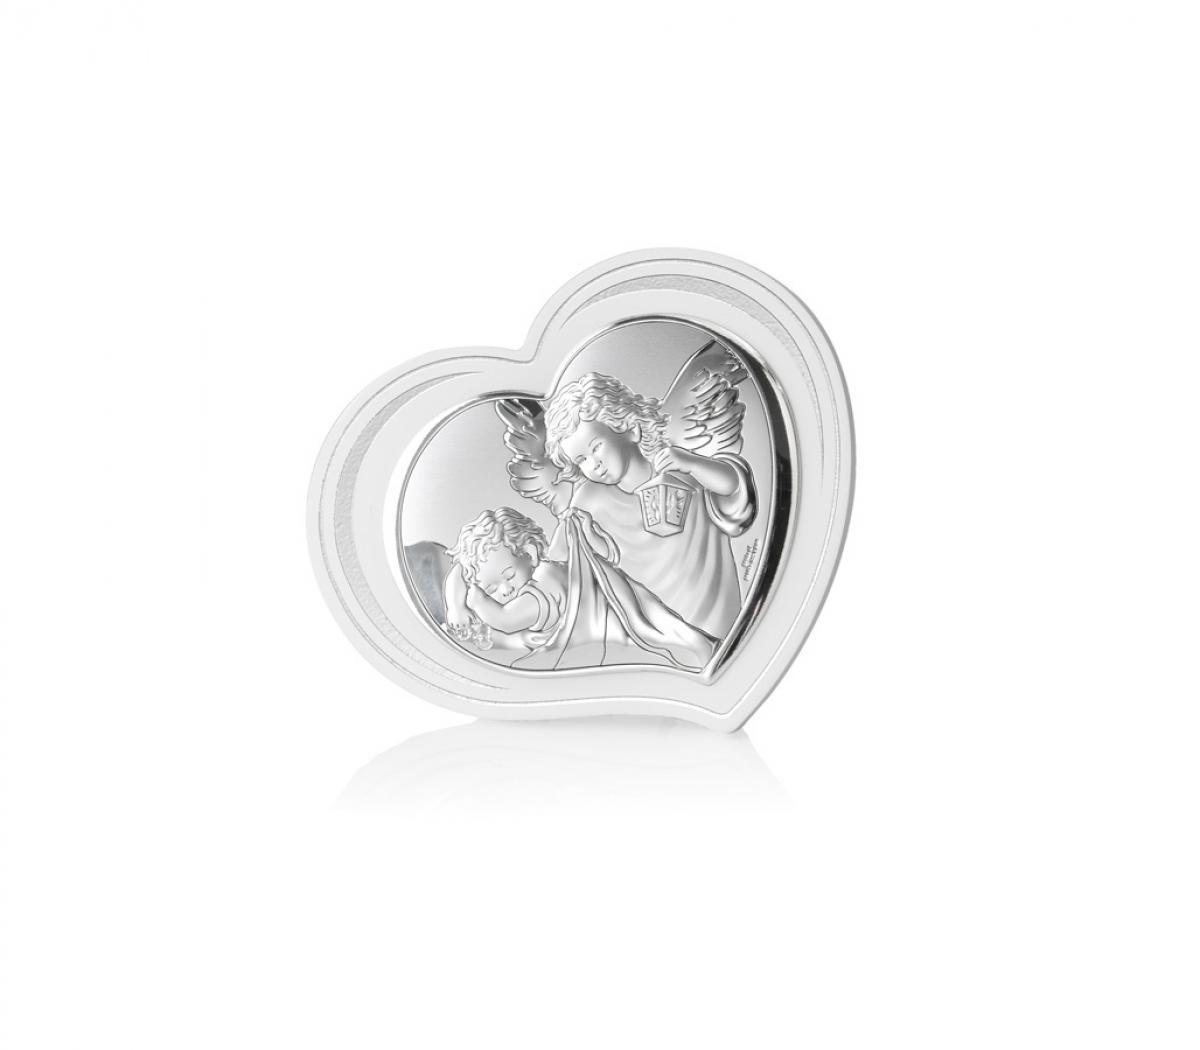 Ікона срібна Ангел-охоронець 11х9см 81298.2L